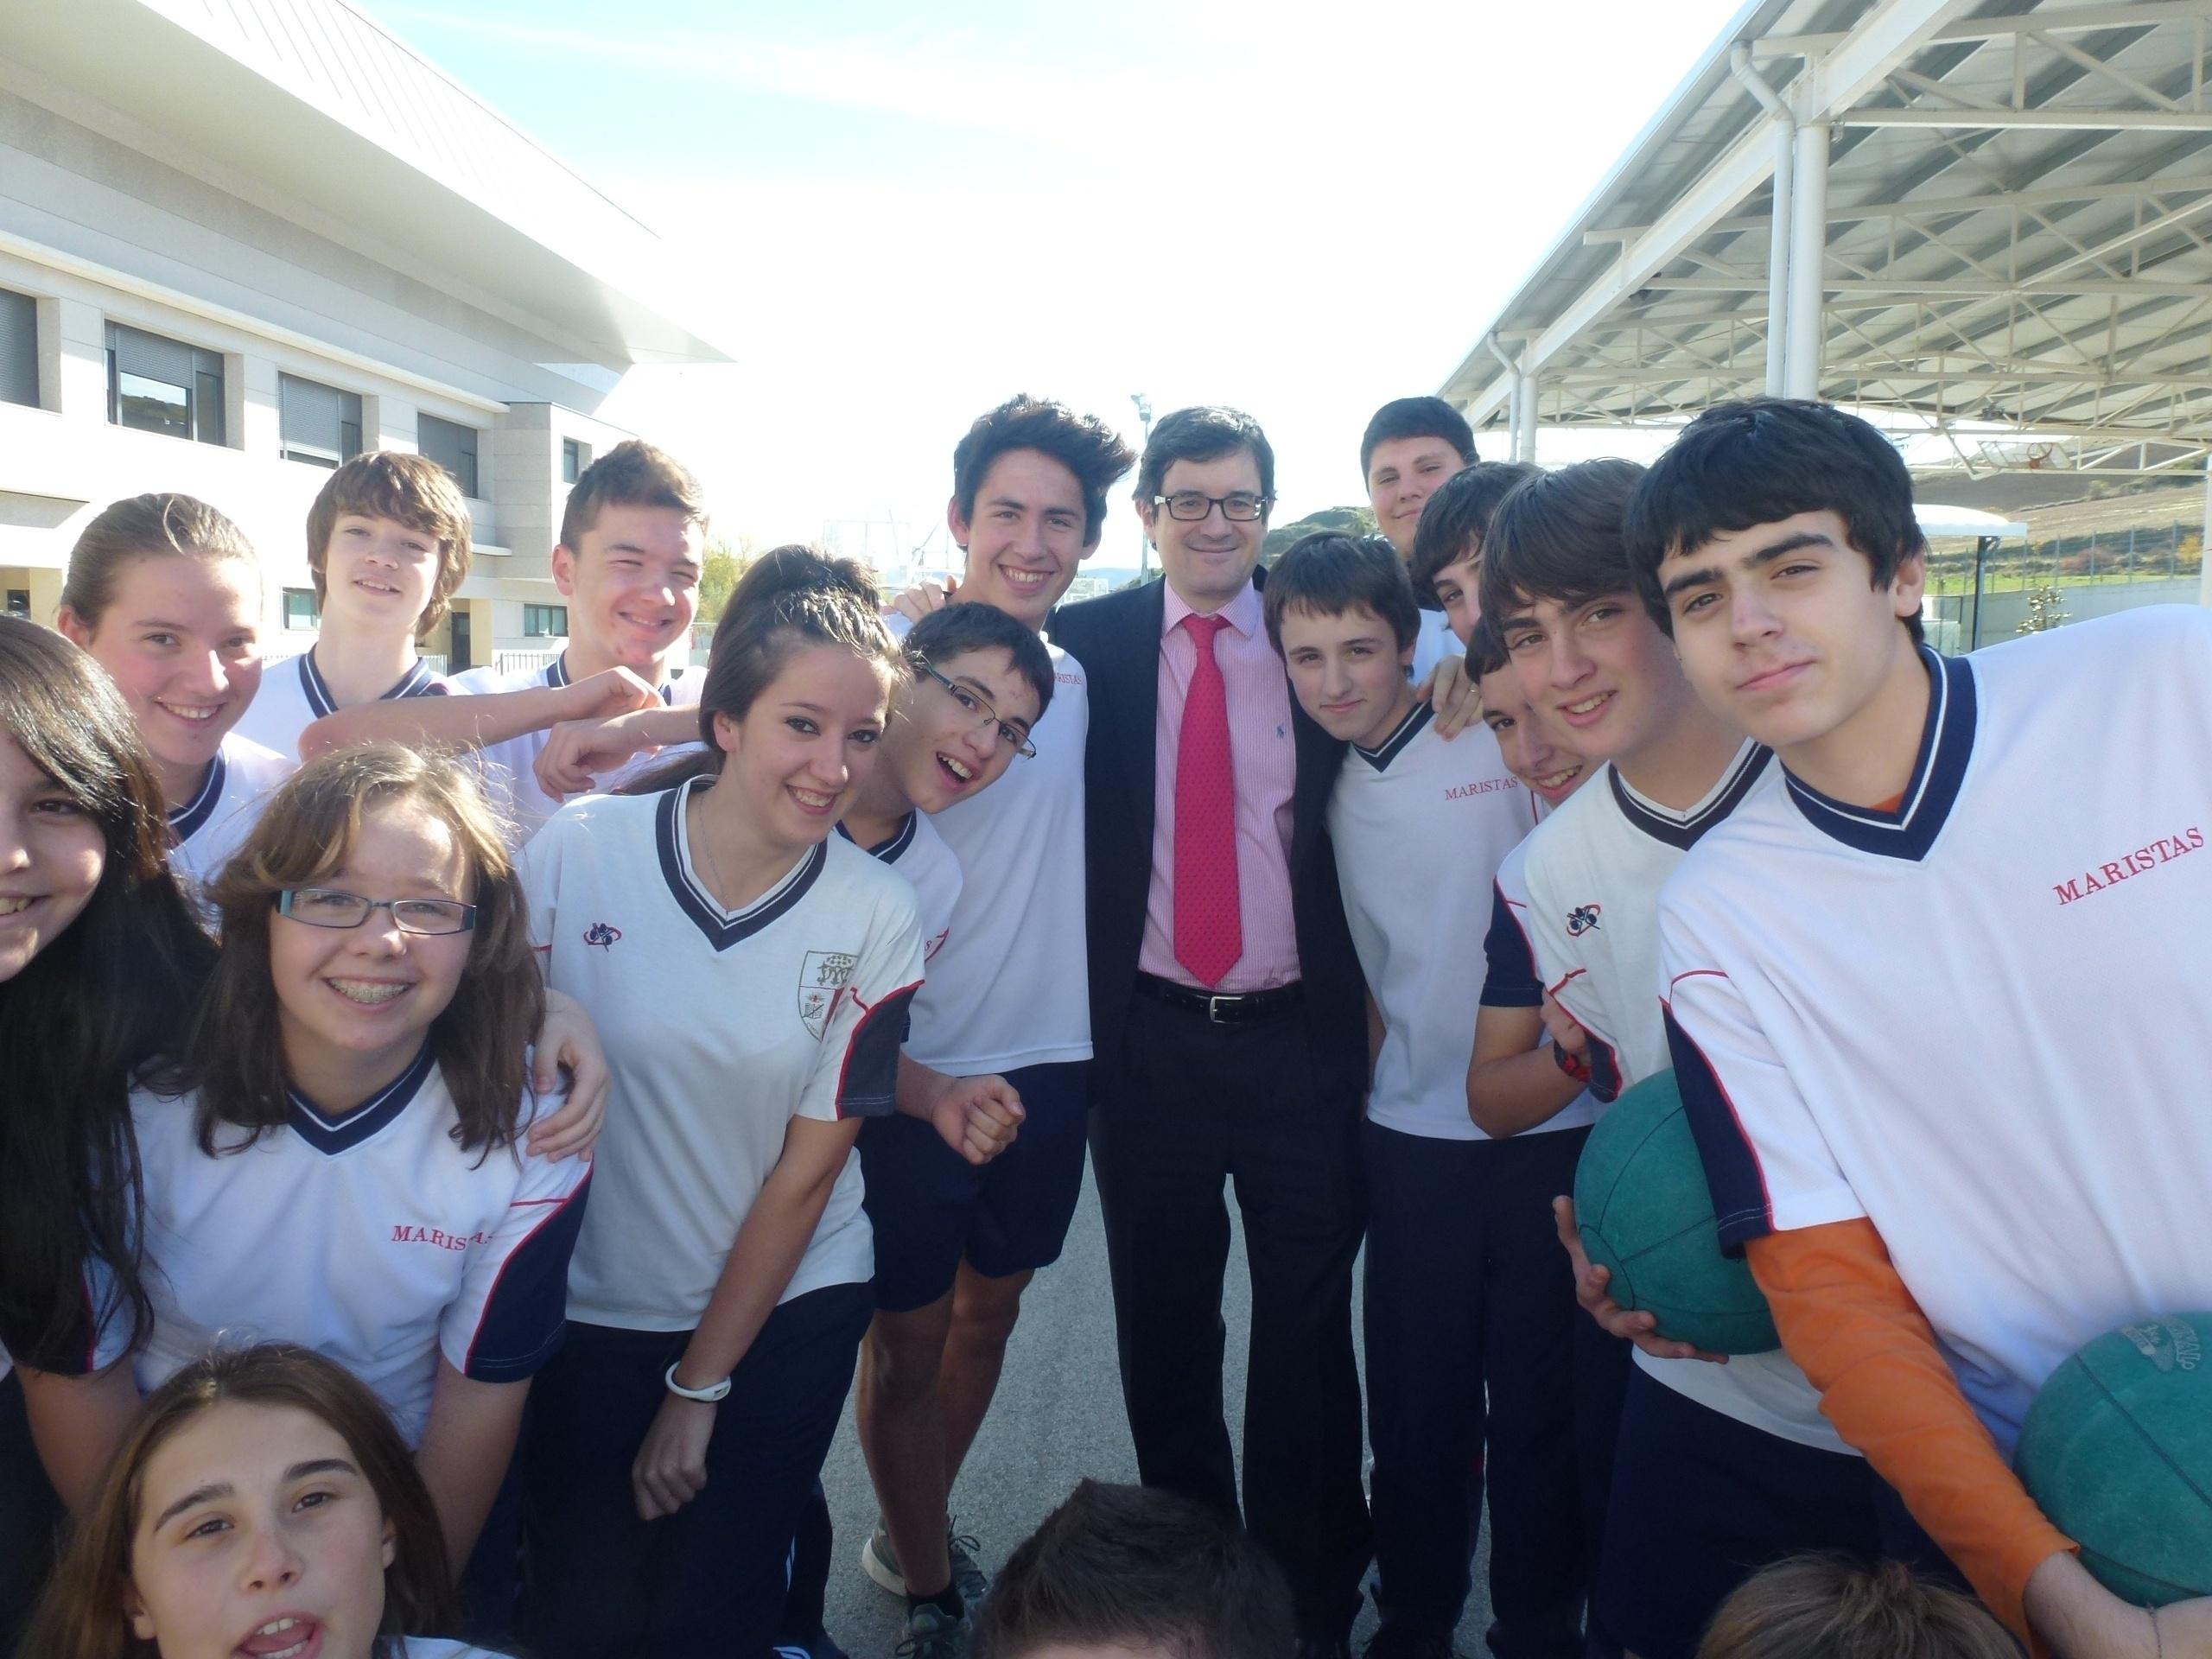 Iribas visita el colegio Maristas de Sarriguren, donde estudian 1.607 alumnos